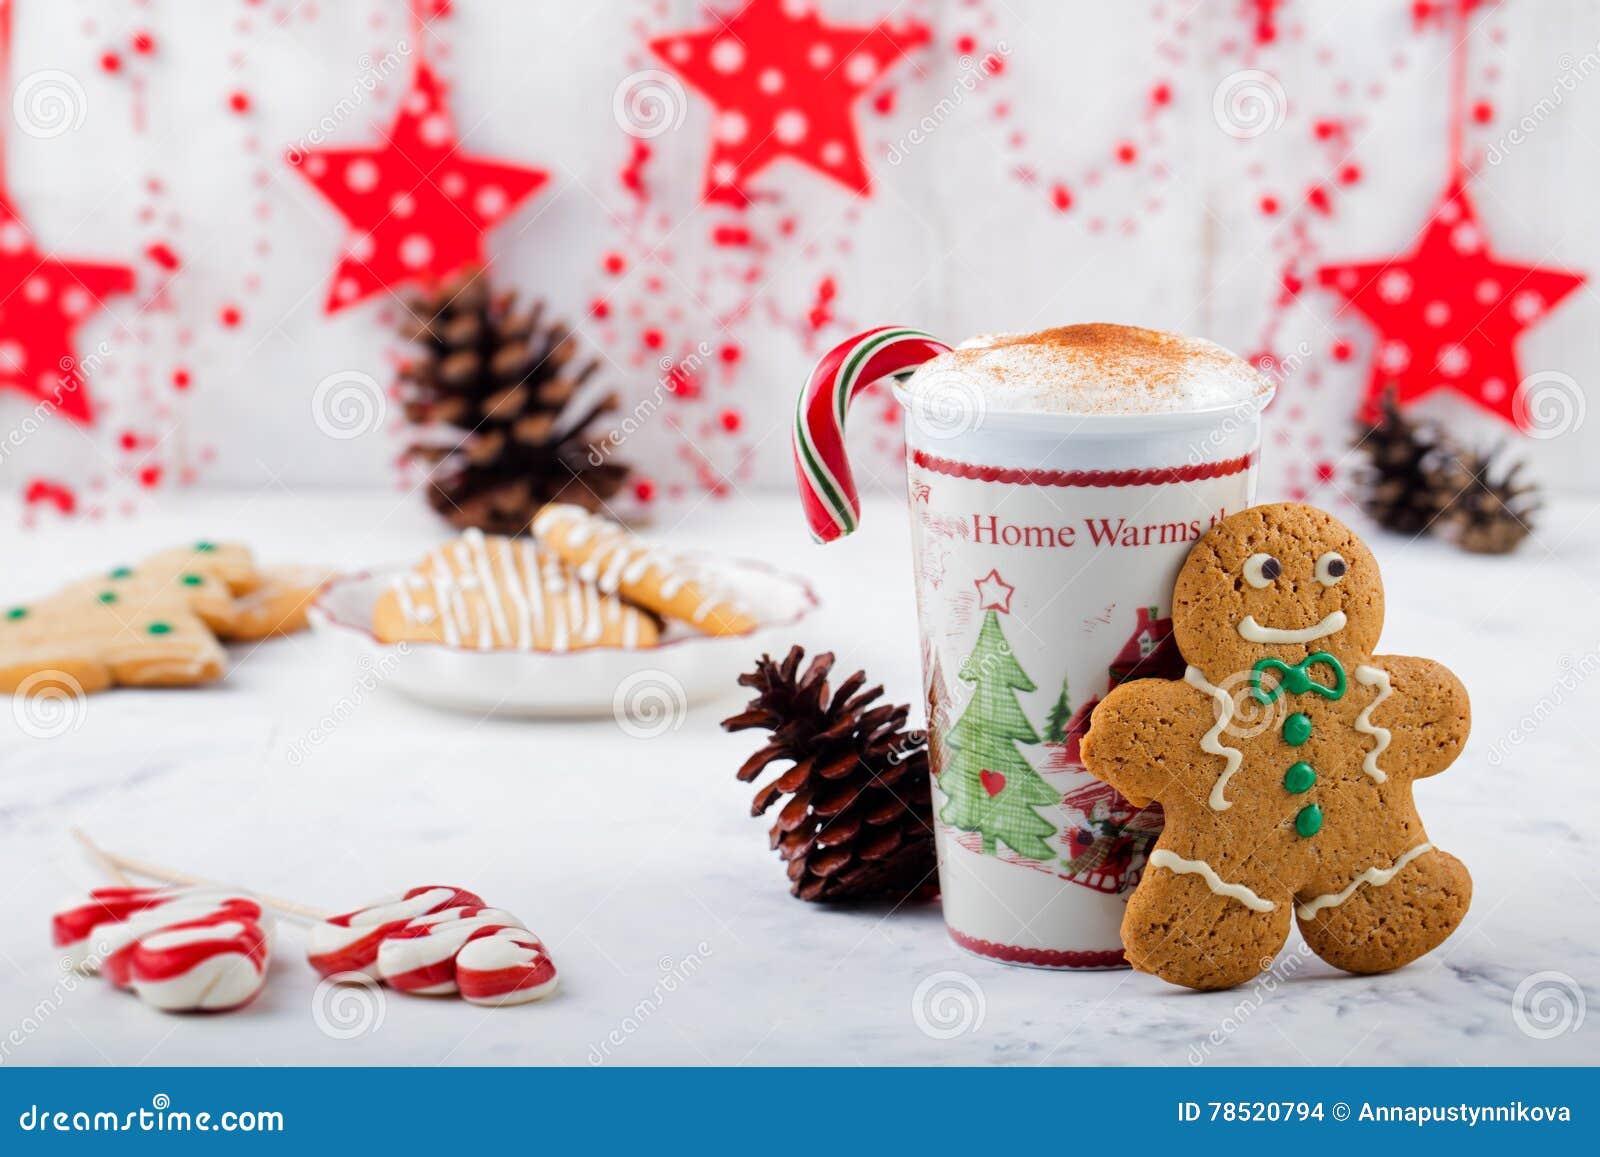 Weihnachtsmotive Zum Kopieren.Lebkuchenplätzchenmann Und Heiße Schale Cappuccino Traditioneller